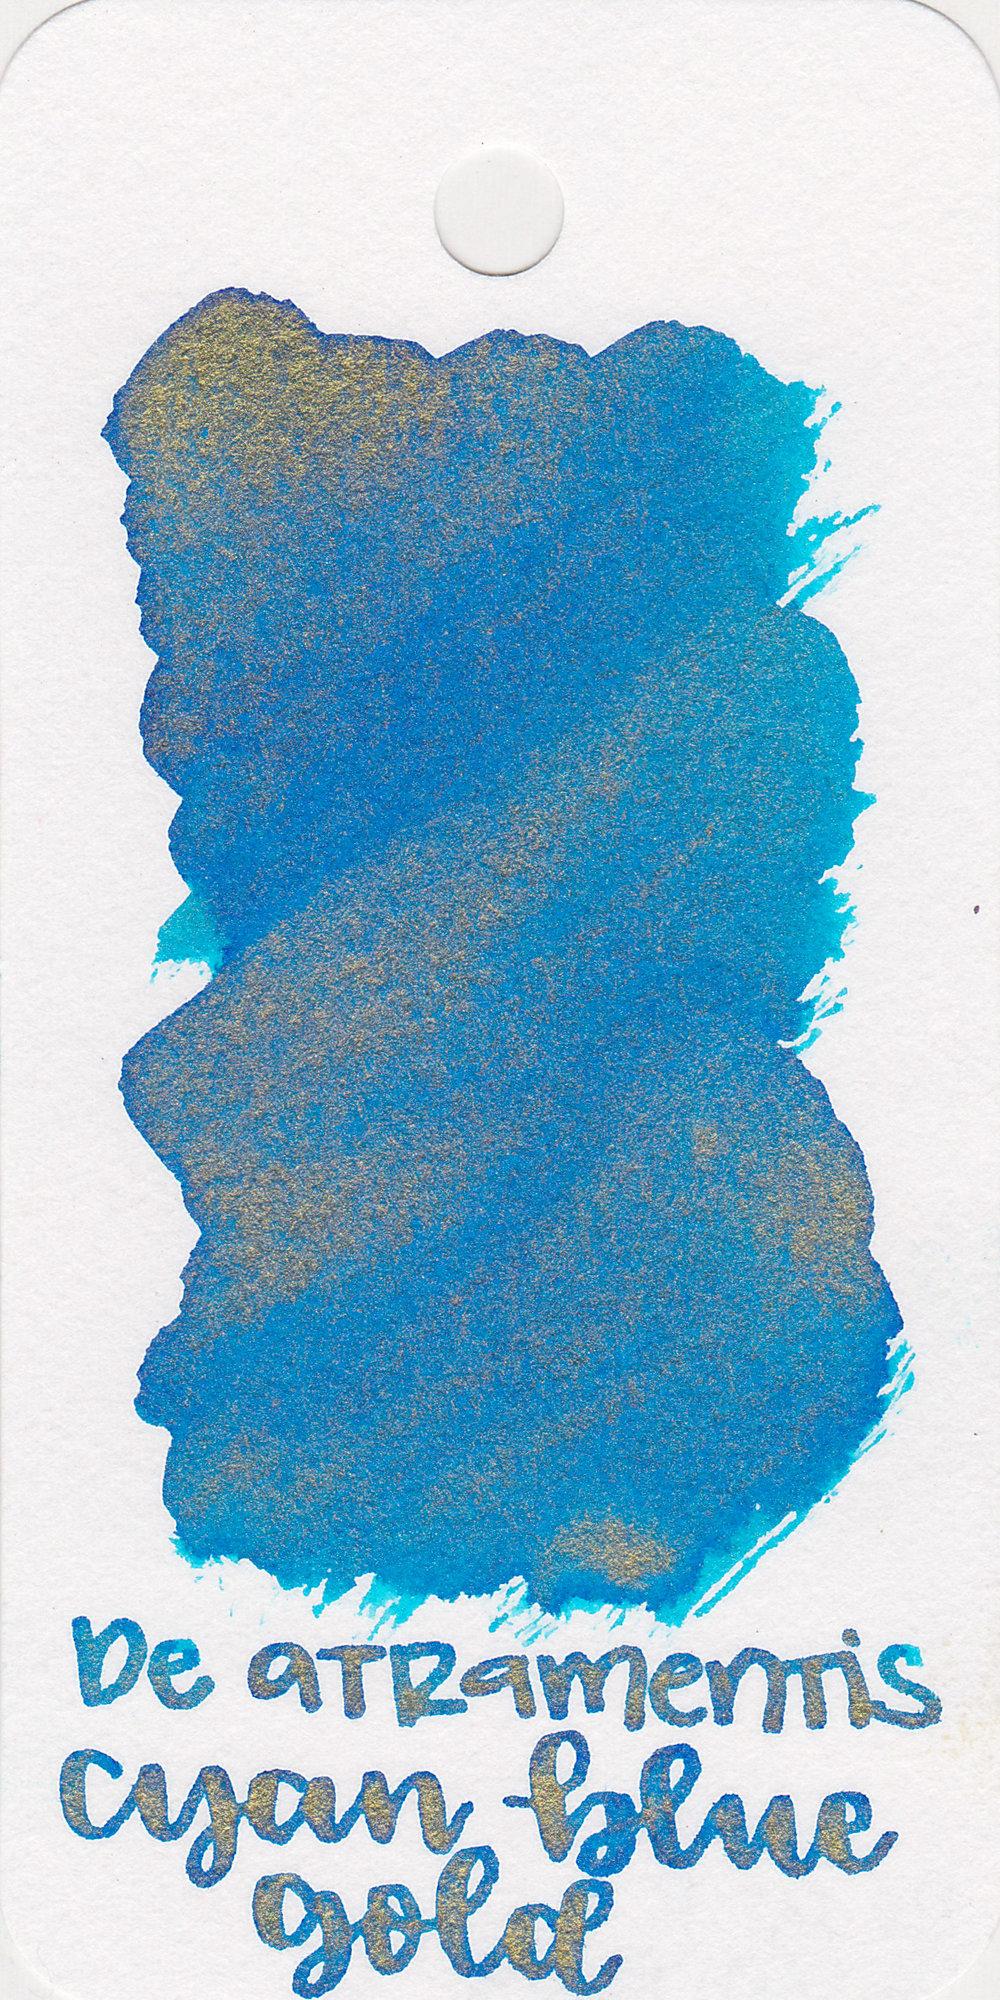 da-cyan-blue-gold-1.jpg